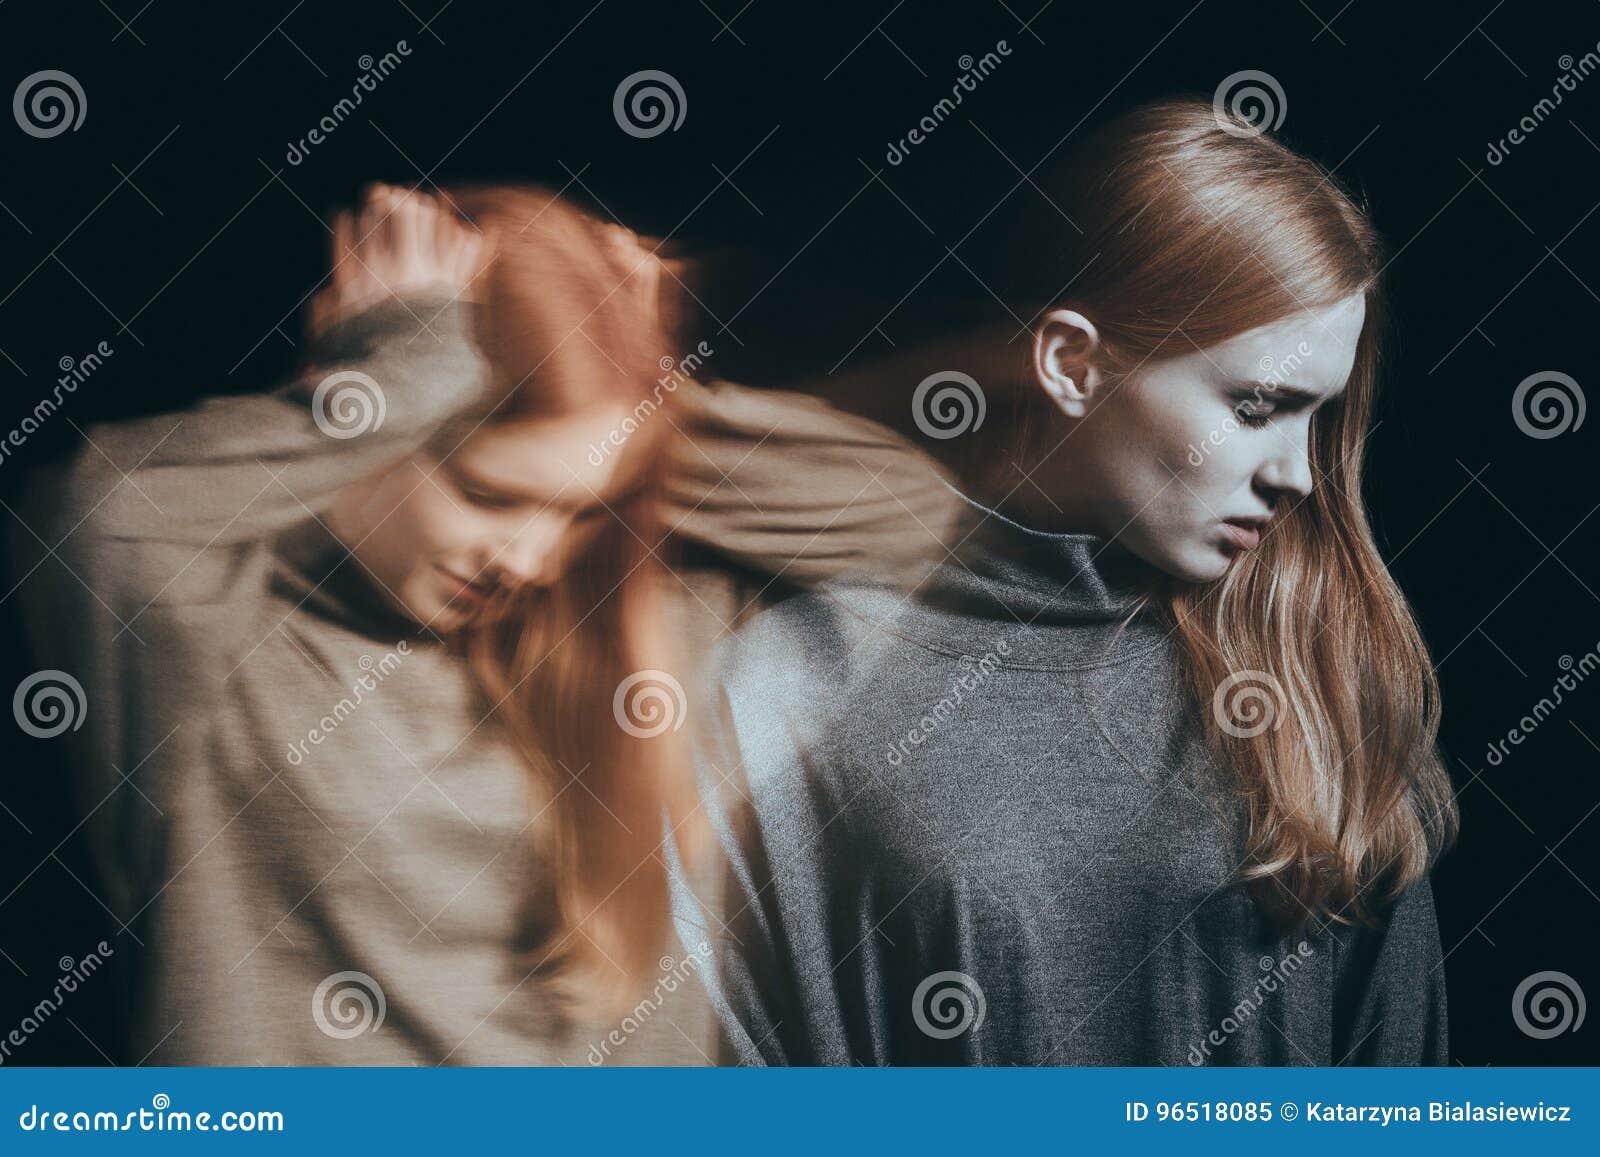 Подросток с душевной болезнью